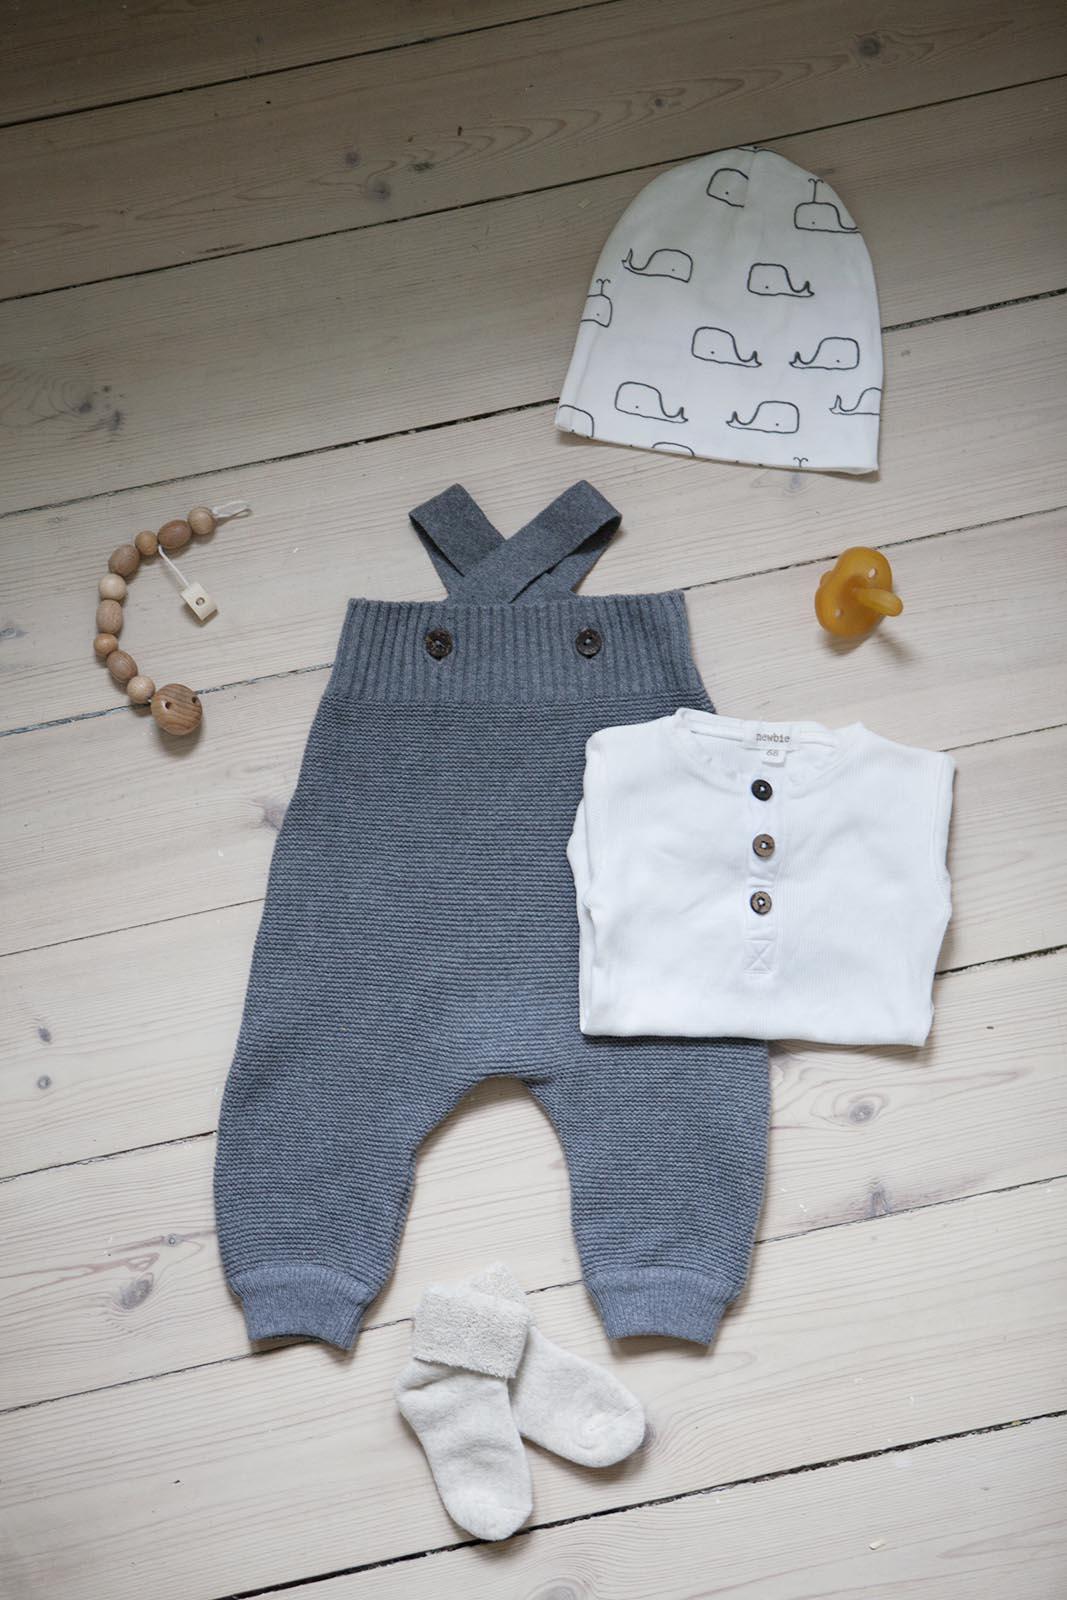 Amelies hus Amelie von Essen, babykläder inspiration, bebiskläder, Lindex, Åhléns, KappAhl, natursutten